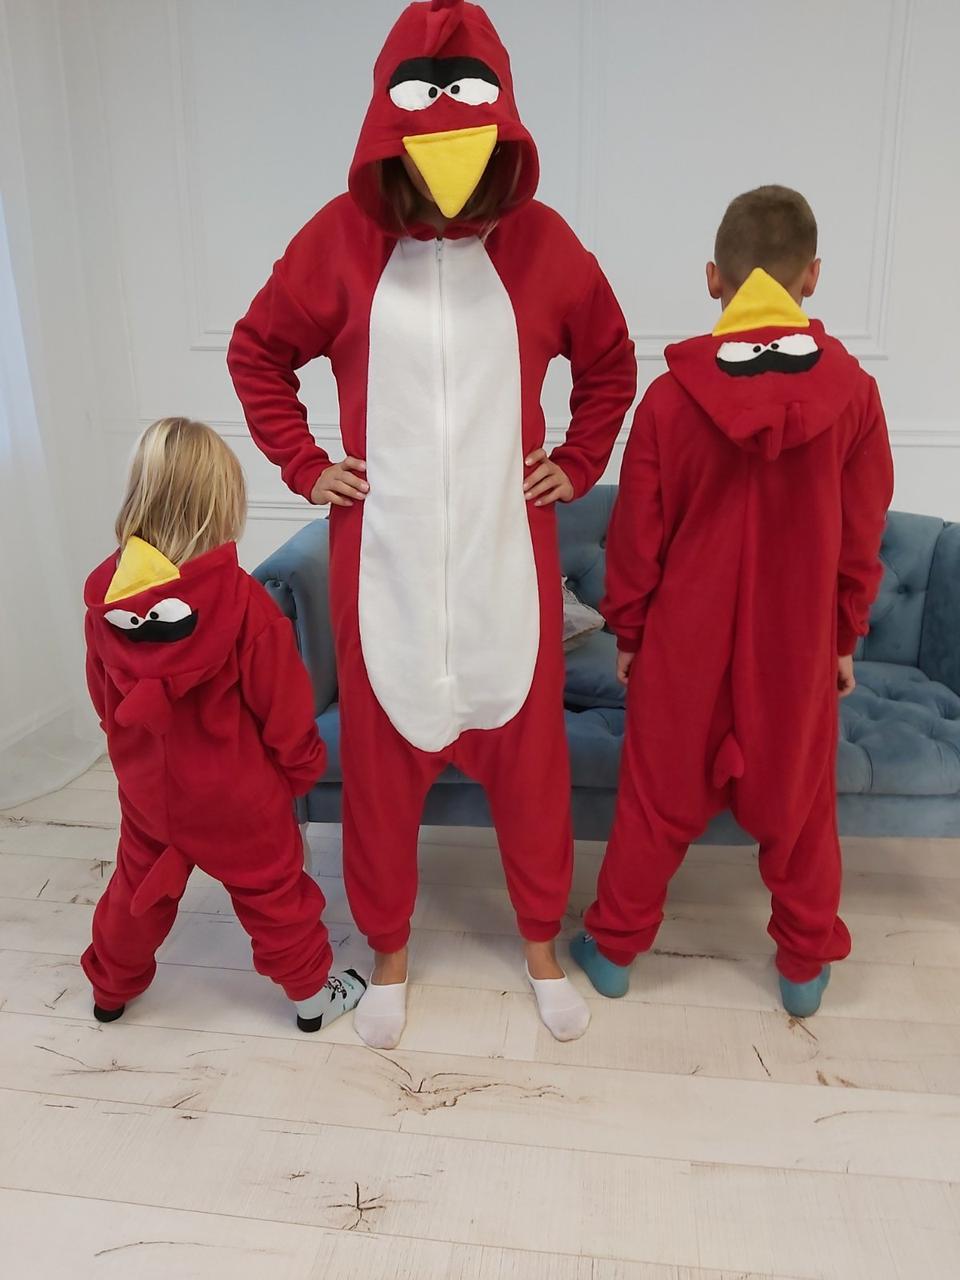 Пижама Кигуруми Angry Birds для детей и взрослых Размер 134-152 см